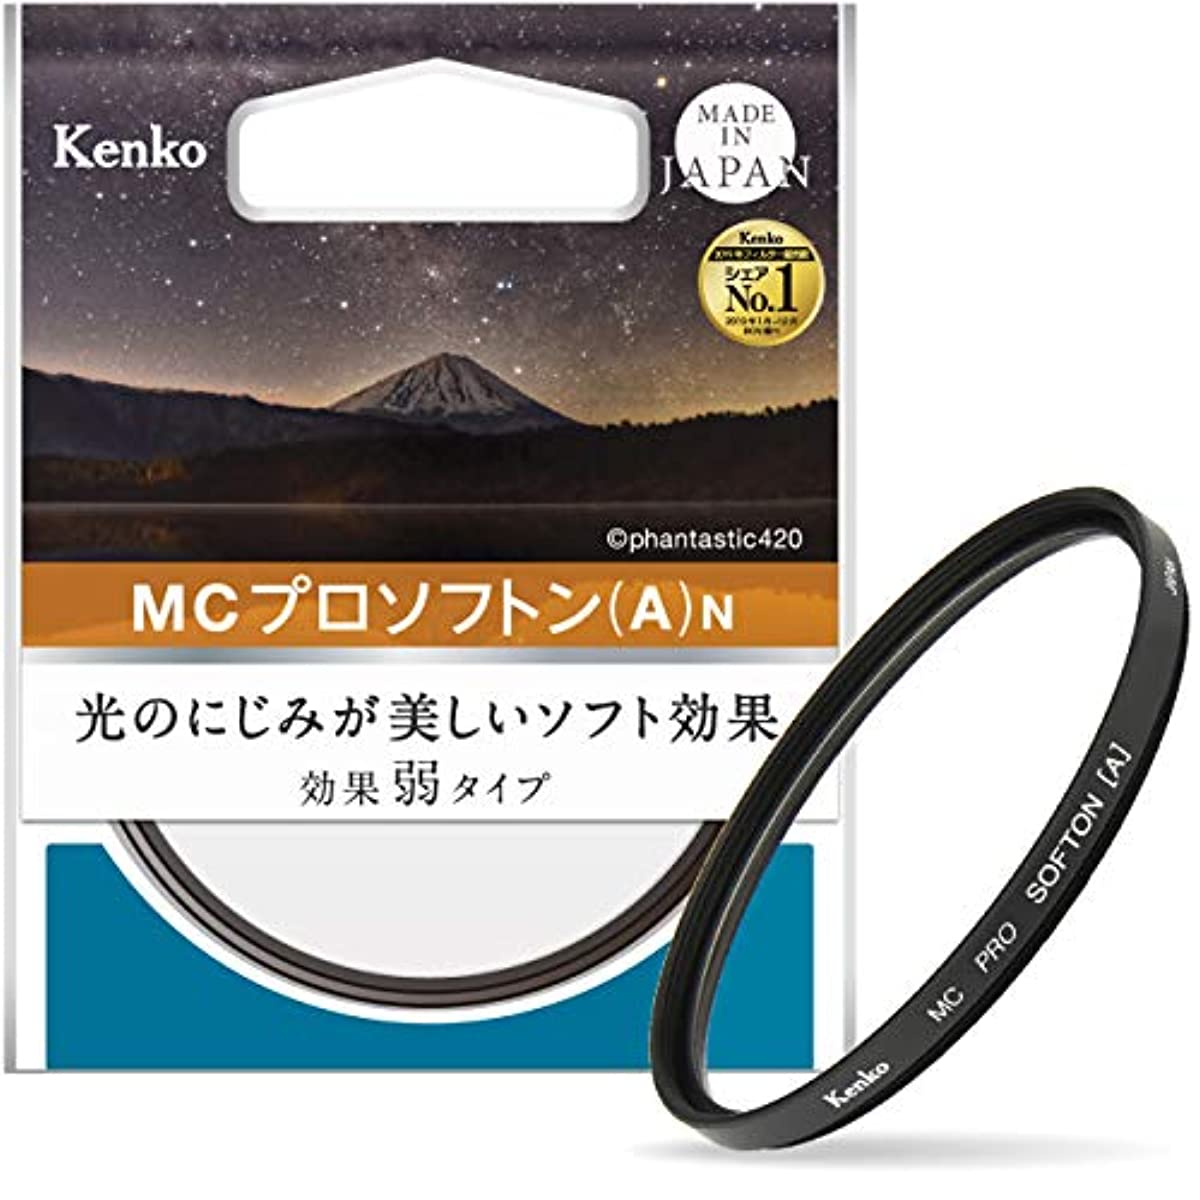 [해외] 켄코 렌즈필터 MC 프로소프트 (A) N 82mm 382905